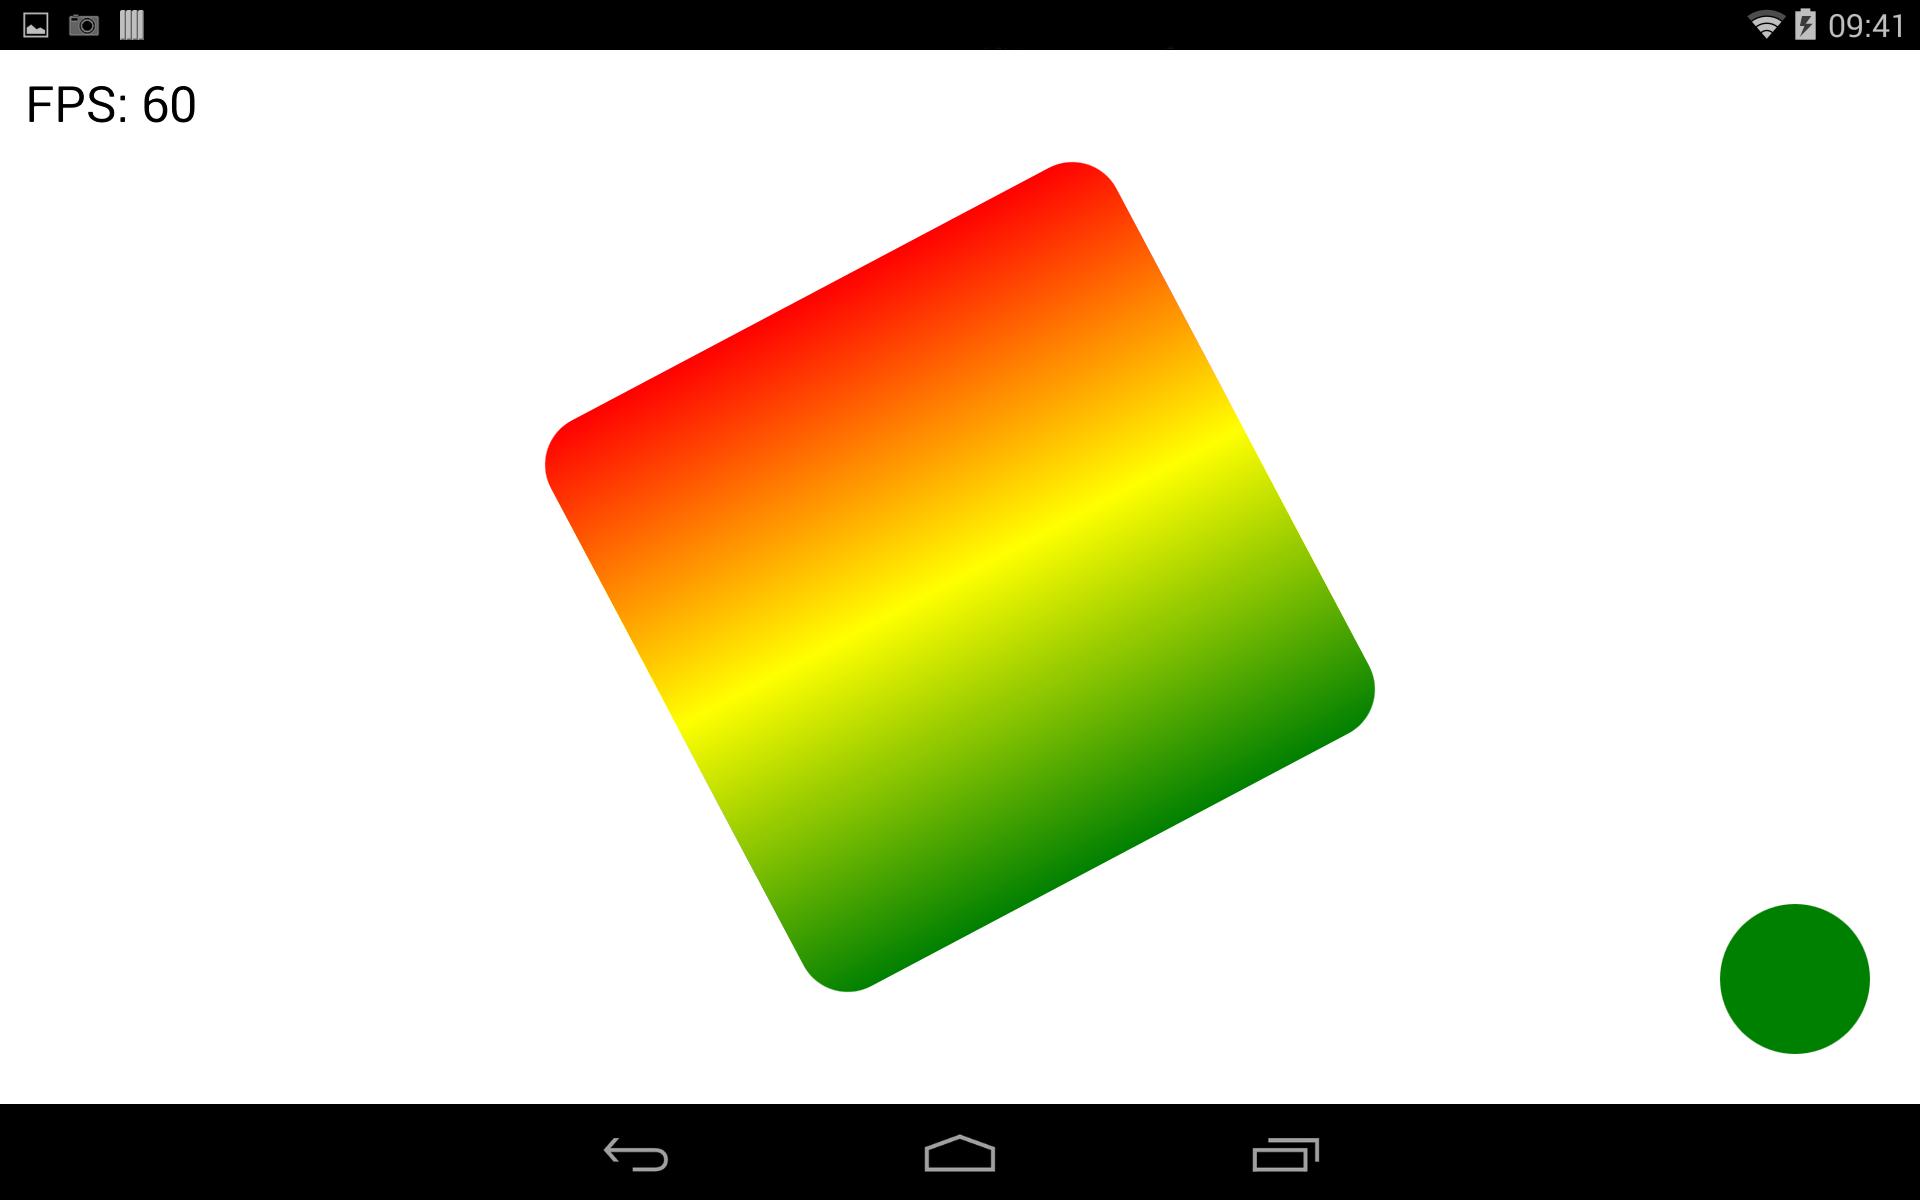 インテル® INDE Media for Mobile チュートリアル – Android* 上での Qt* Quick アプリケーションのビデオ・キャプチャー